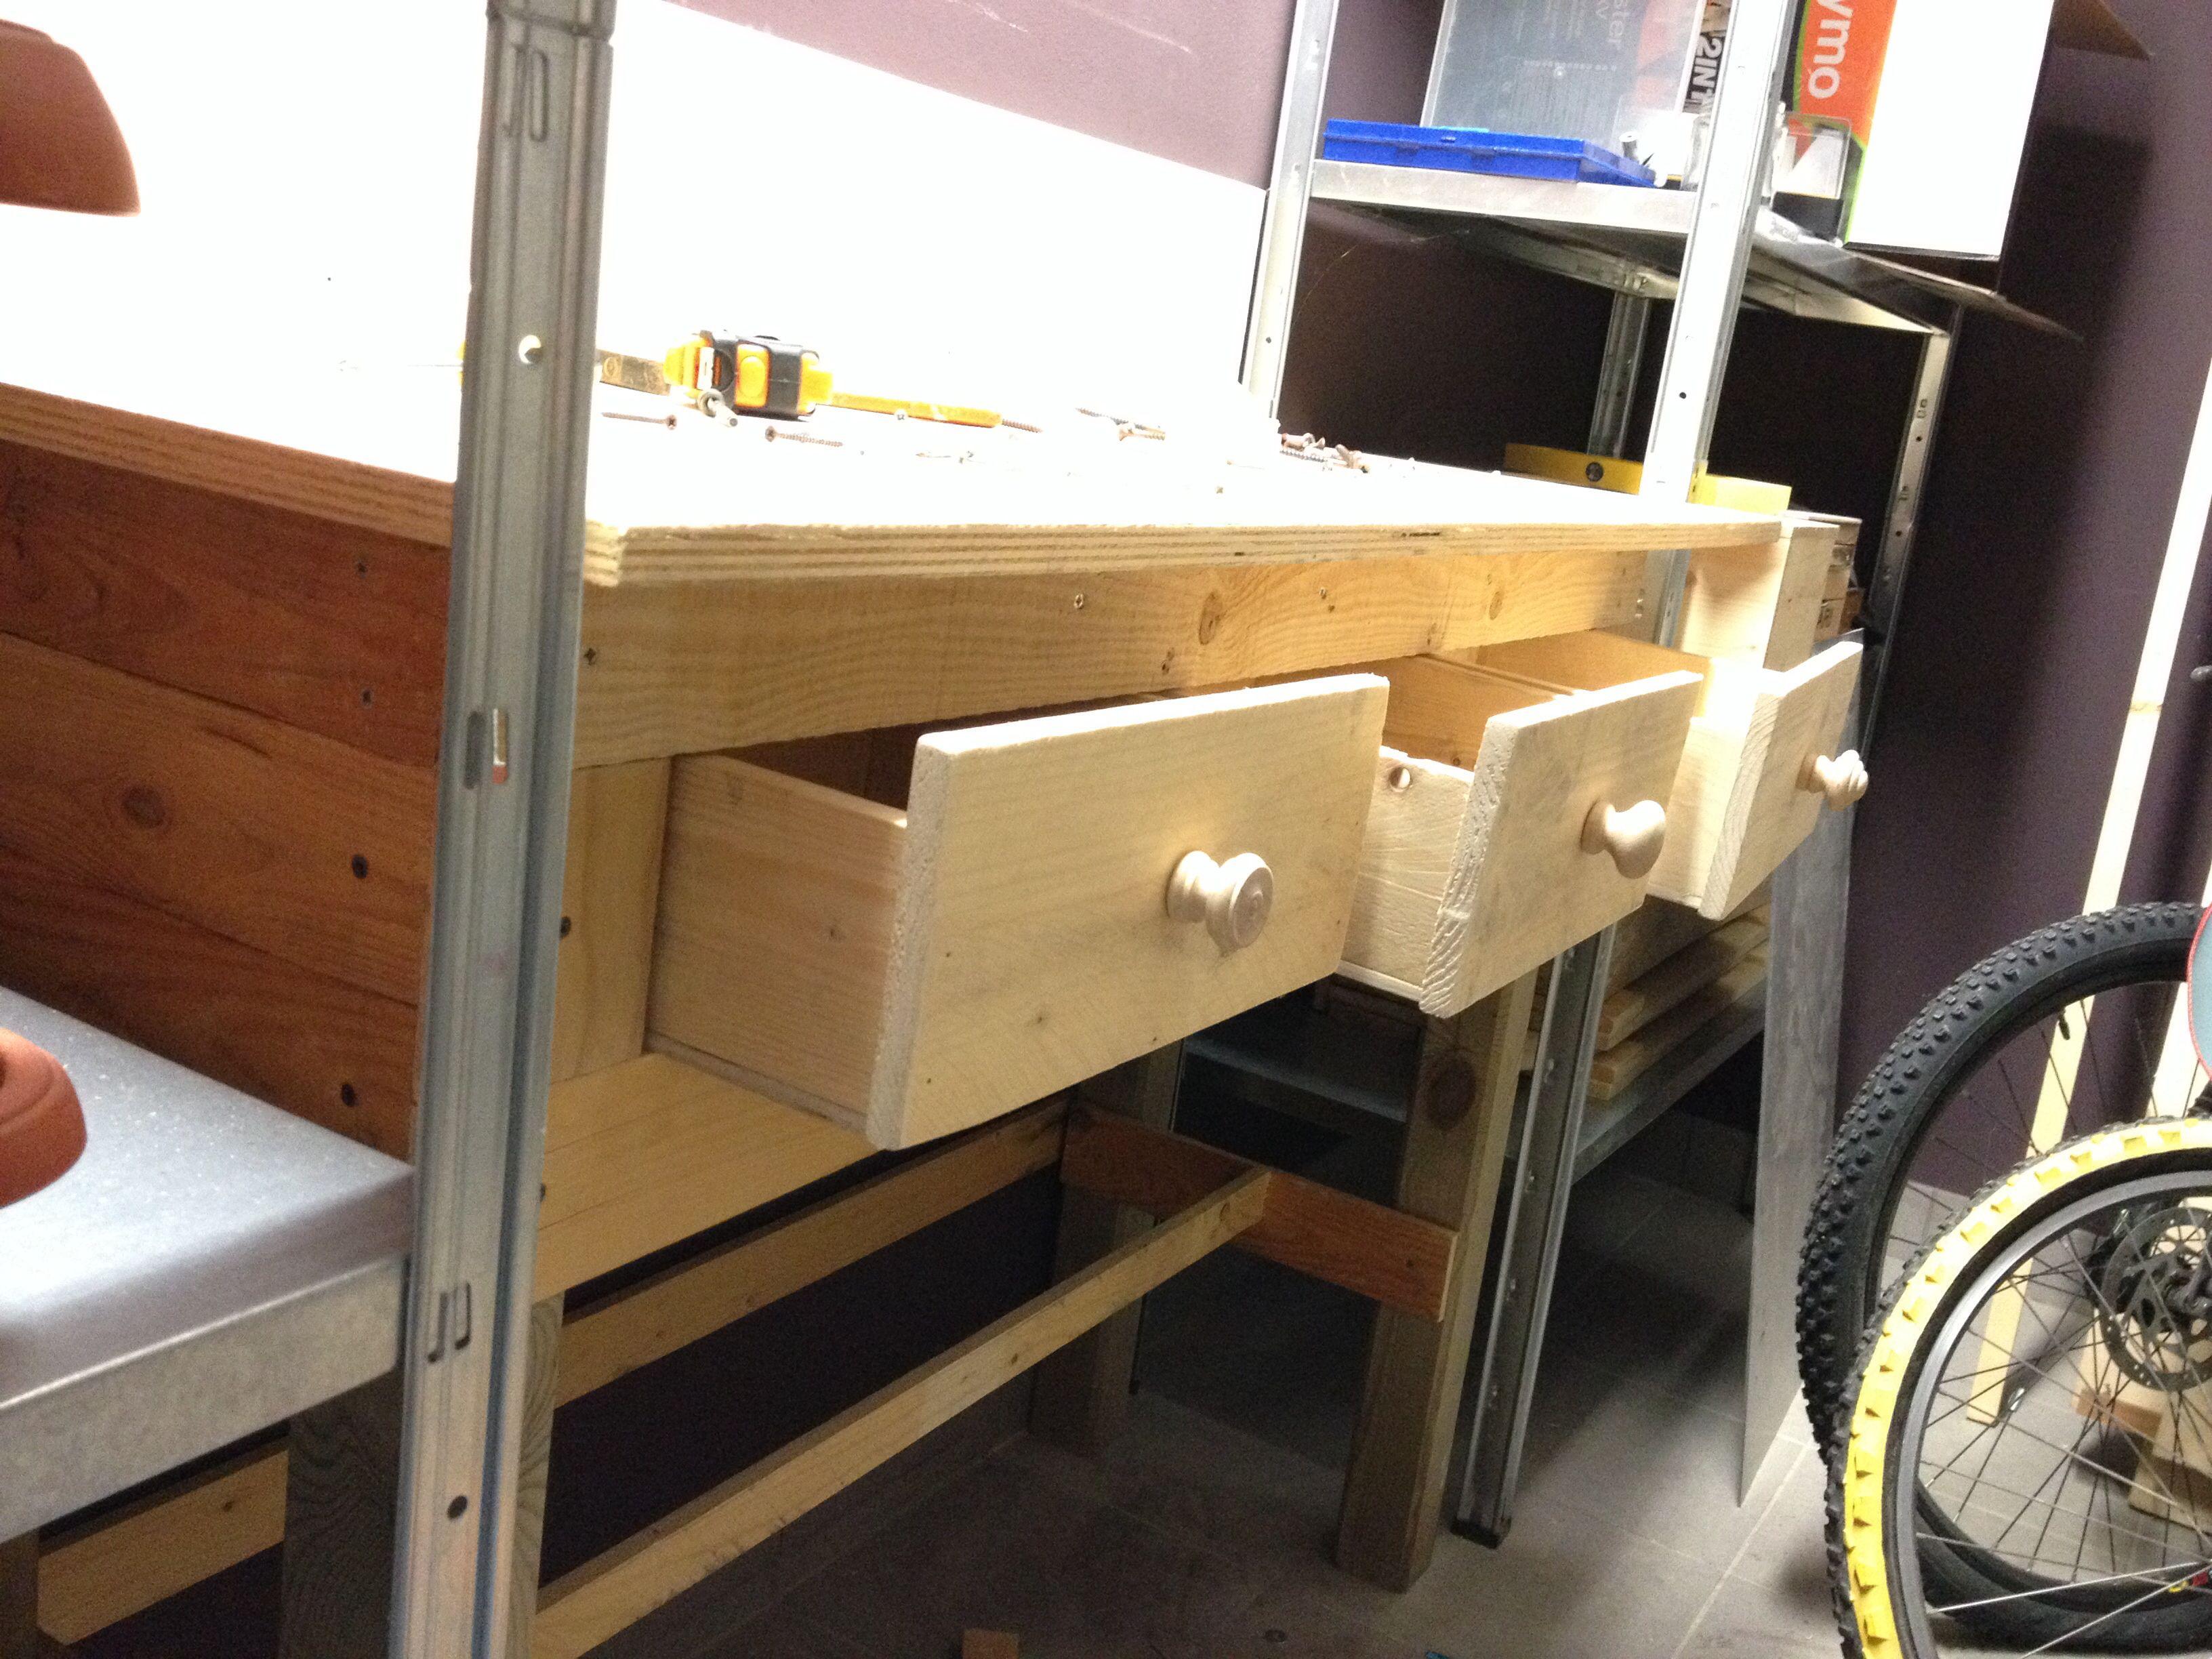 Tavolo Da Lavoro Con Bancali : Tavolo da lavoro con cassetti realizzato con legno di vecchi